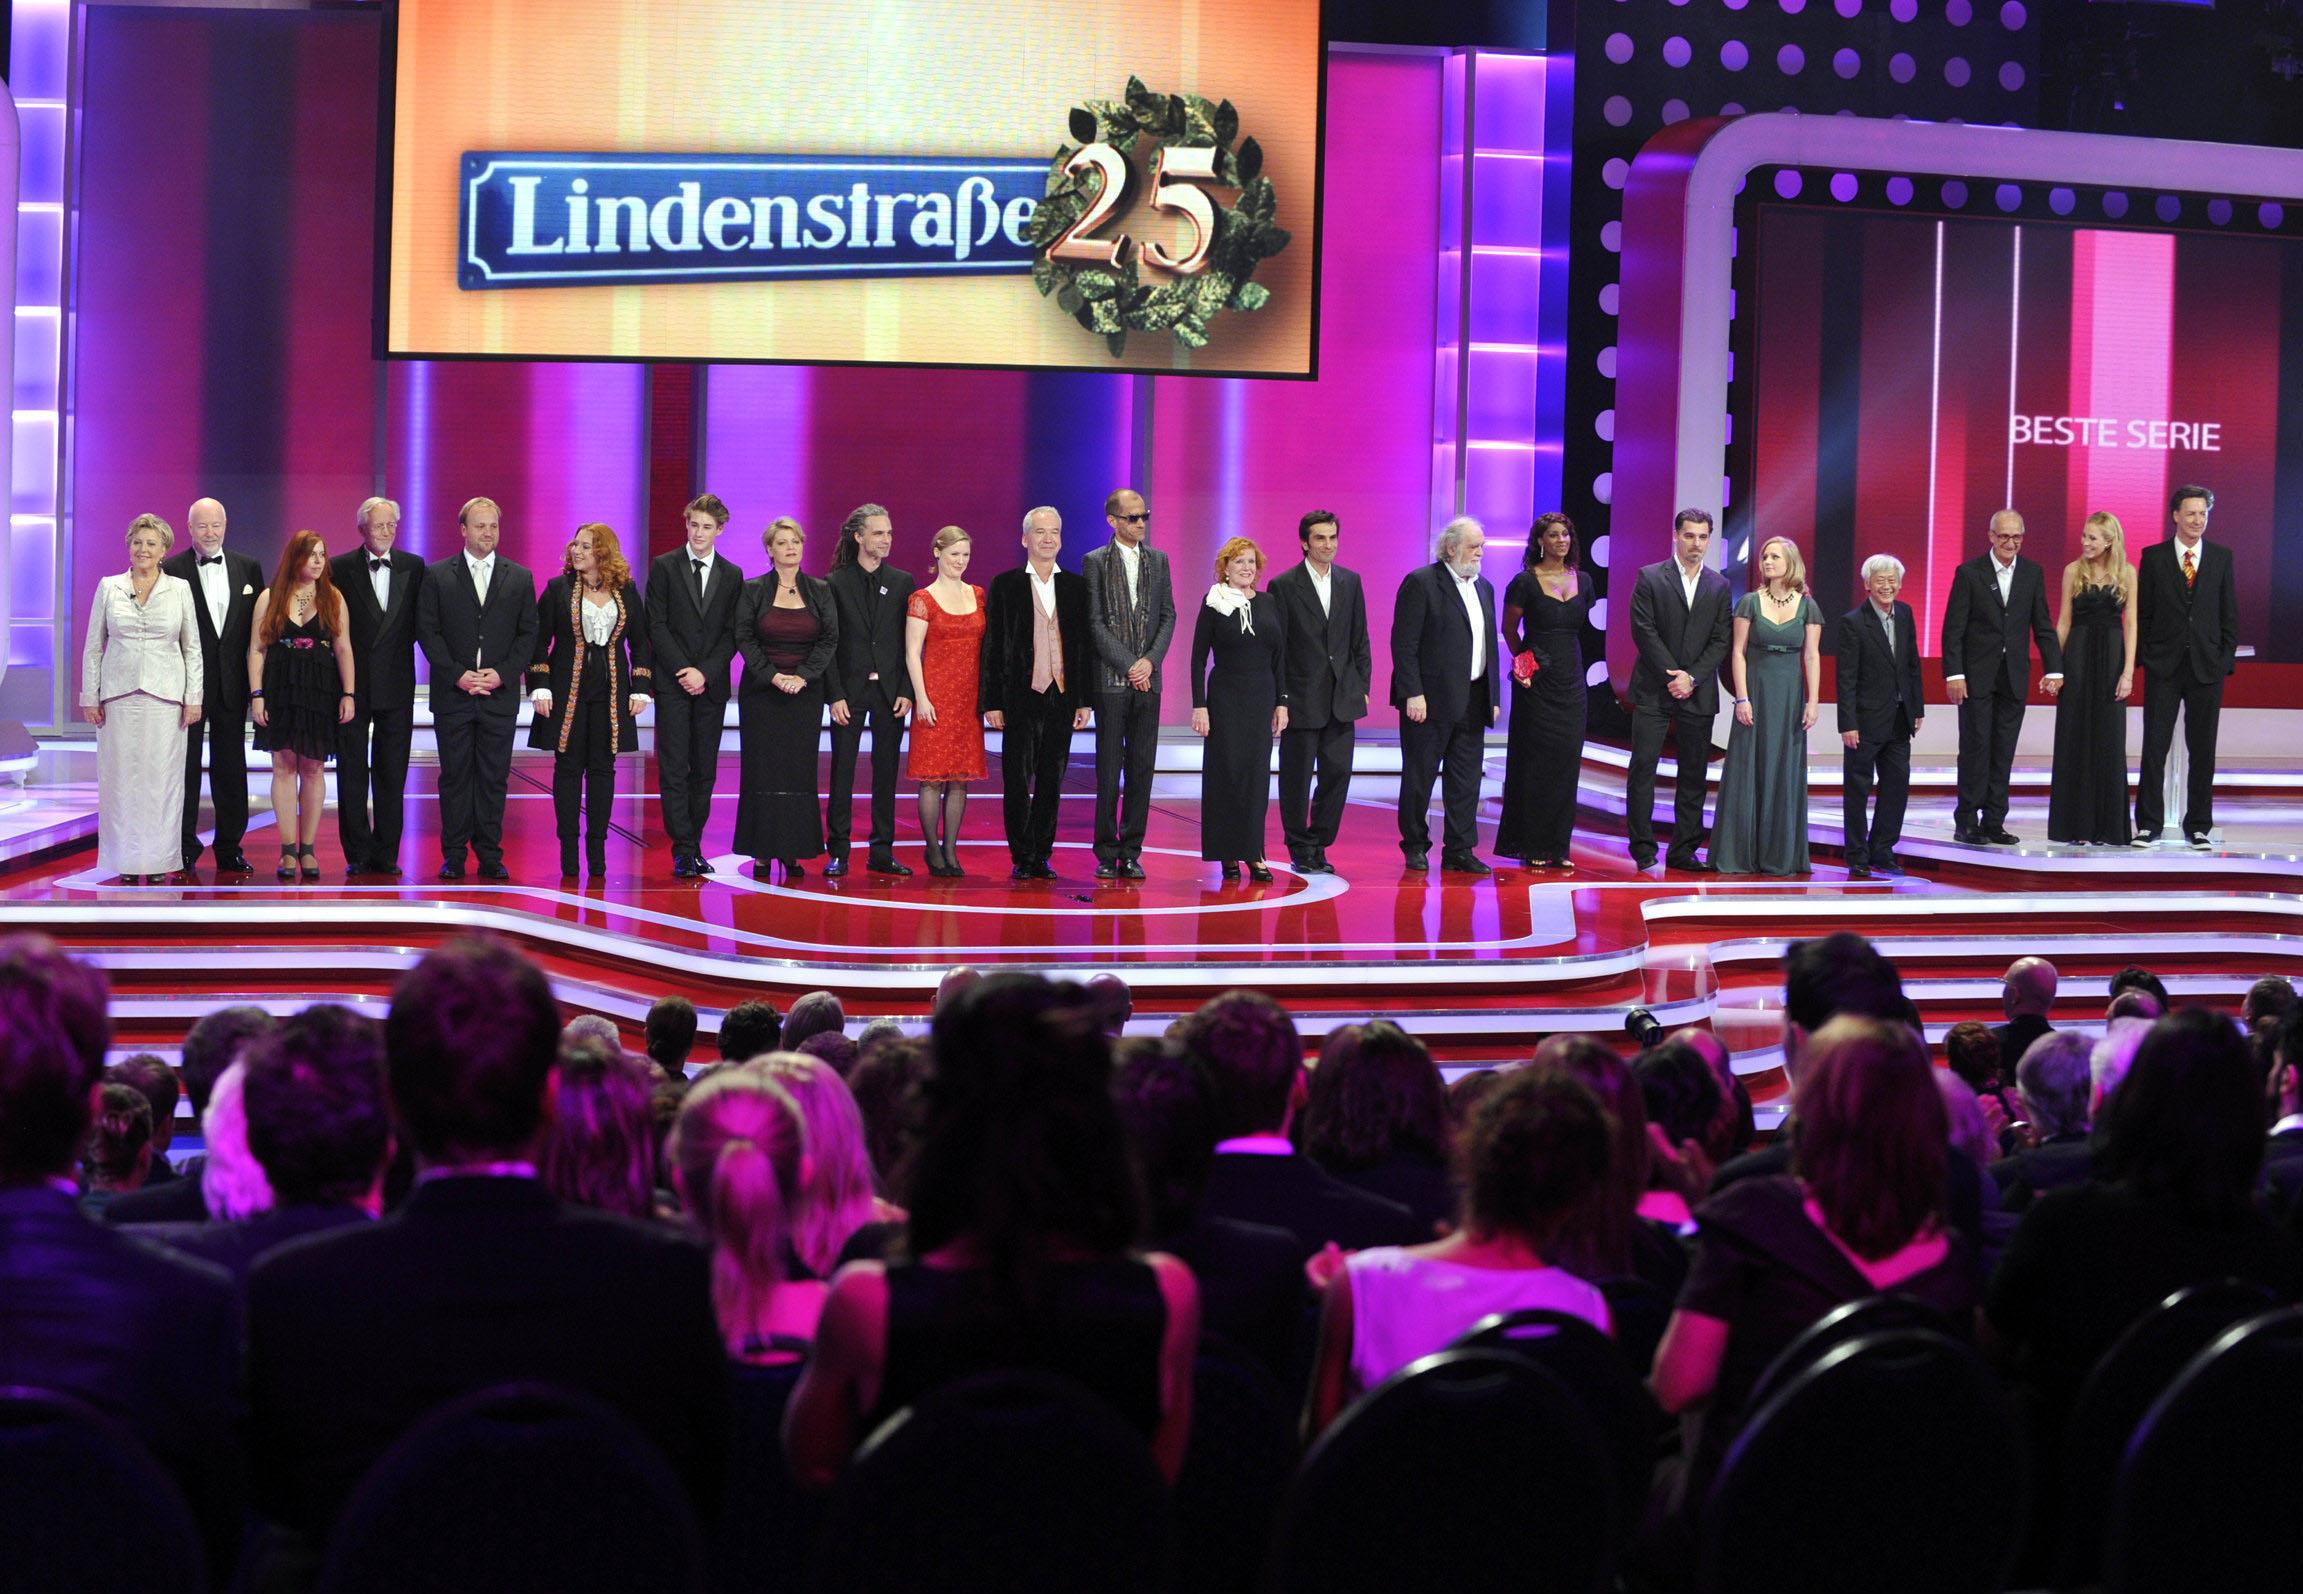 """Das Lindenstrassen-Ensemble überreicht den Preis für die """"Beste Serie"""""""